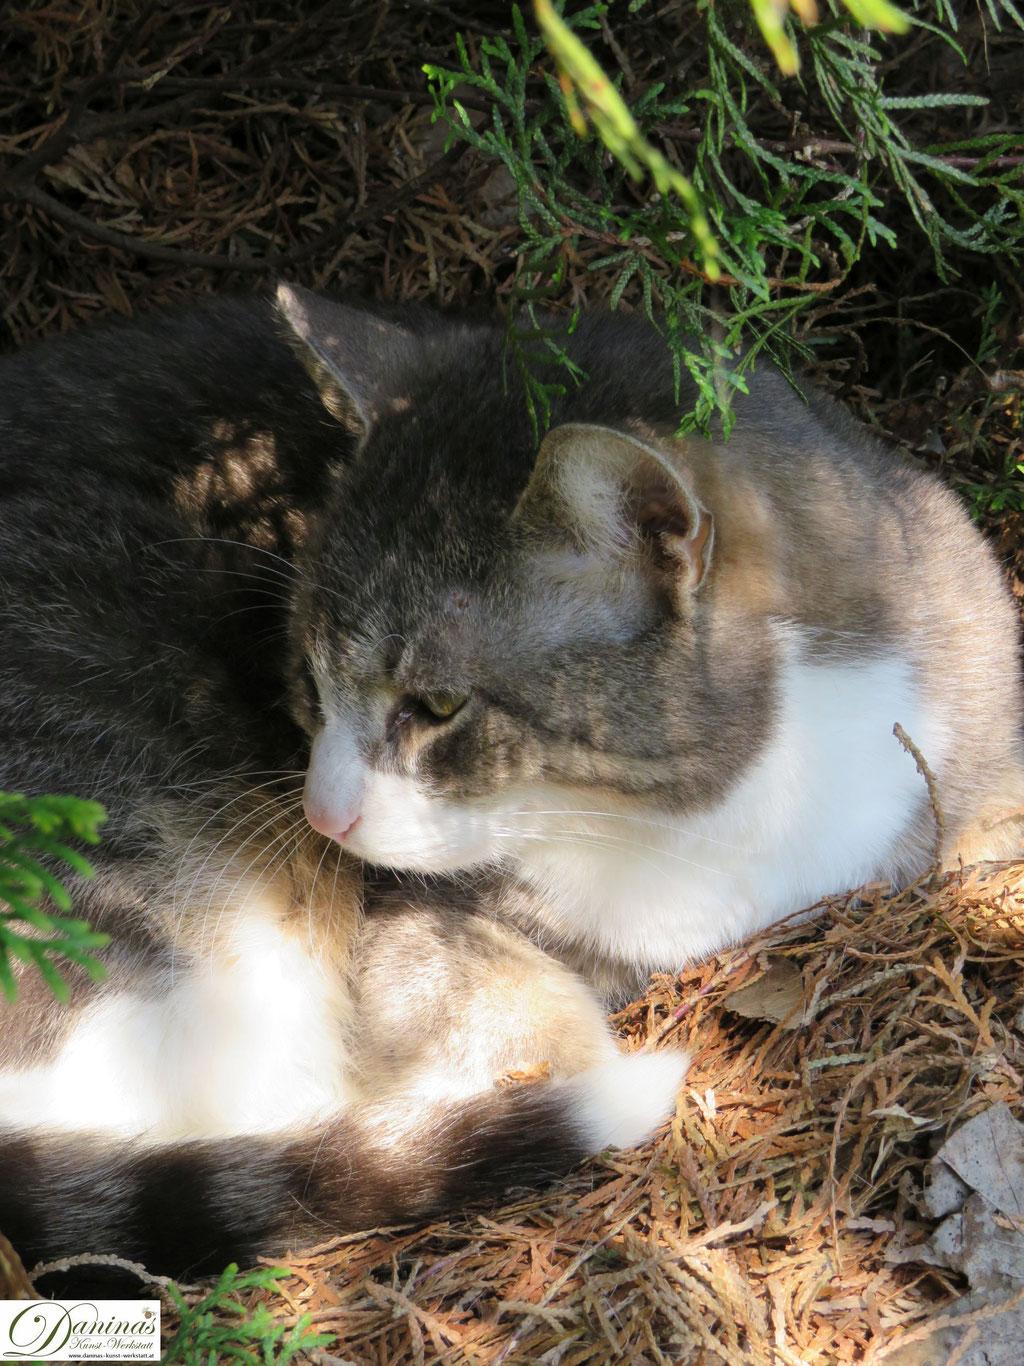 Katze Pauli genießt den Frühling im Garten, auf seinem Lieblingsplatz unter der Thuje. Der Kater hat sich ein Nest gemacht.